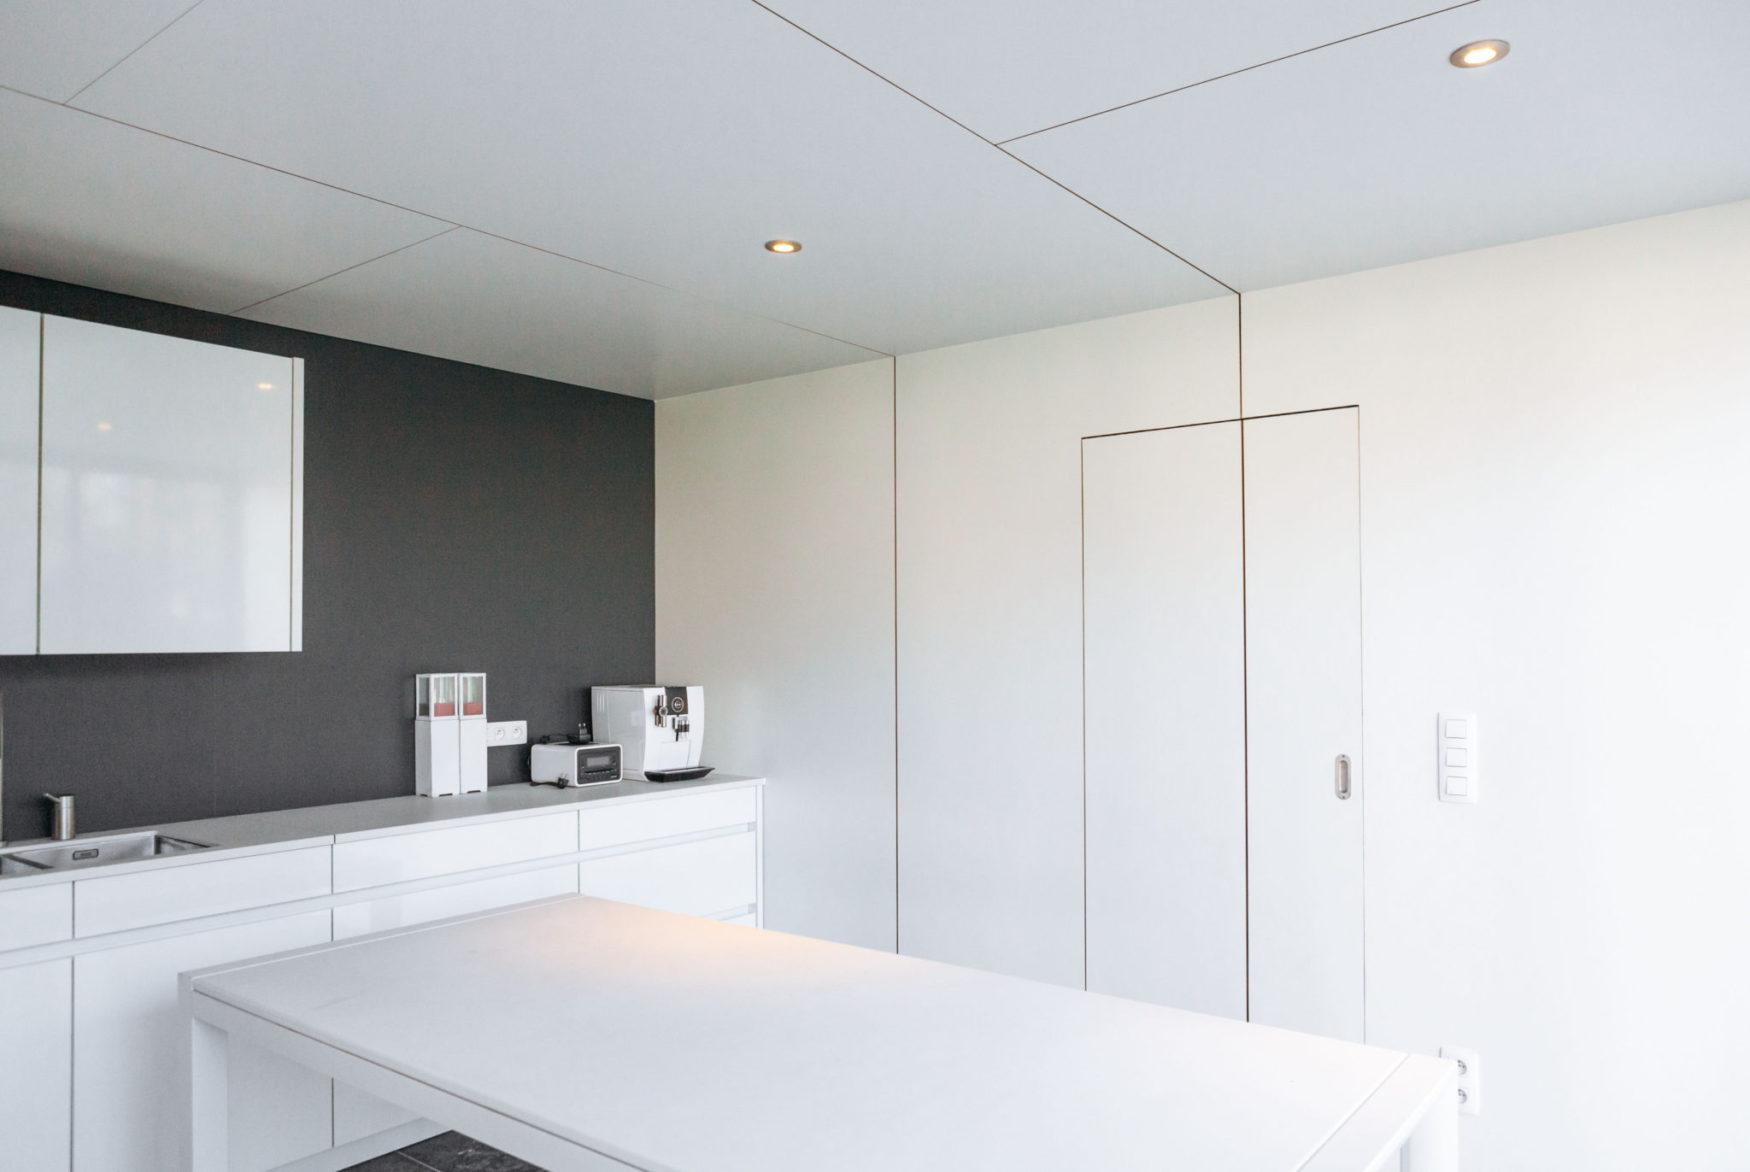 moderne poolhouse met bijpassende keuken inloopdouche en toilet